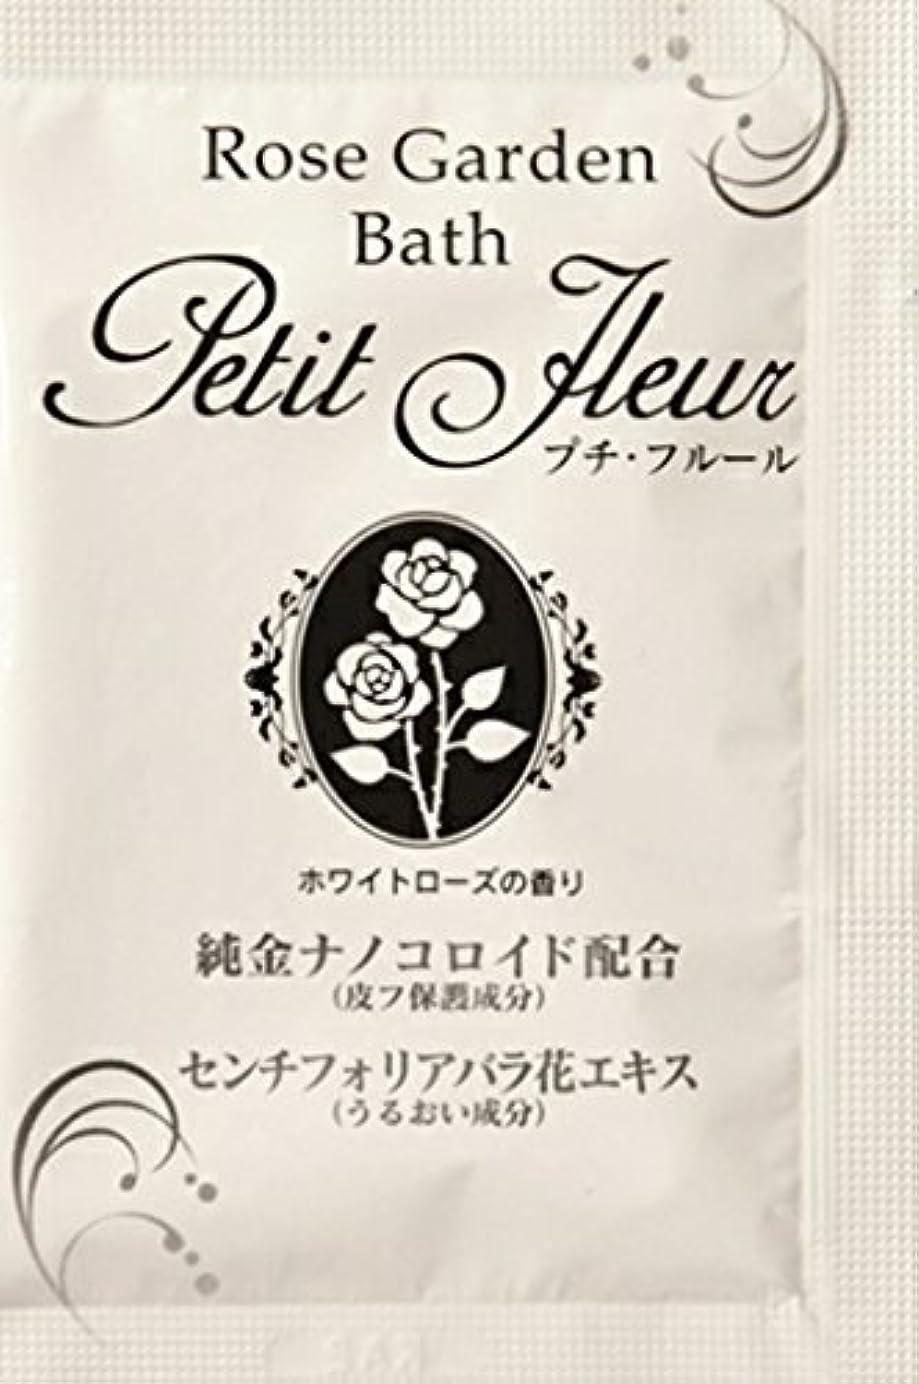 部付添人リー入浴剤 プチフル-ル(ホワイトロ-ズの香り)20g